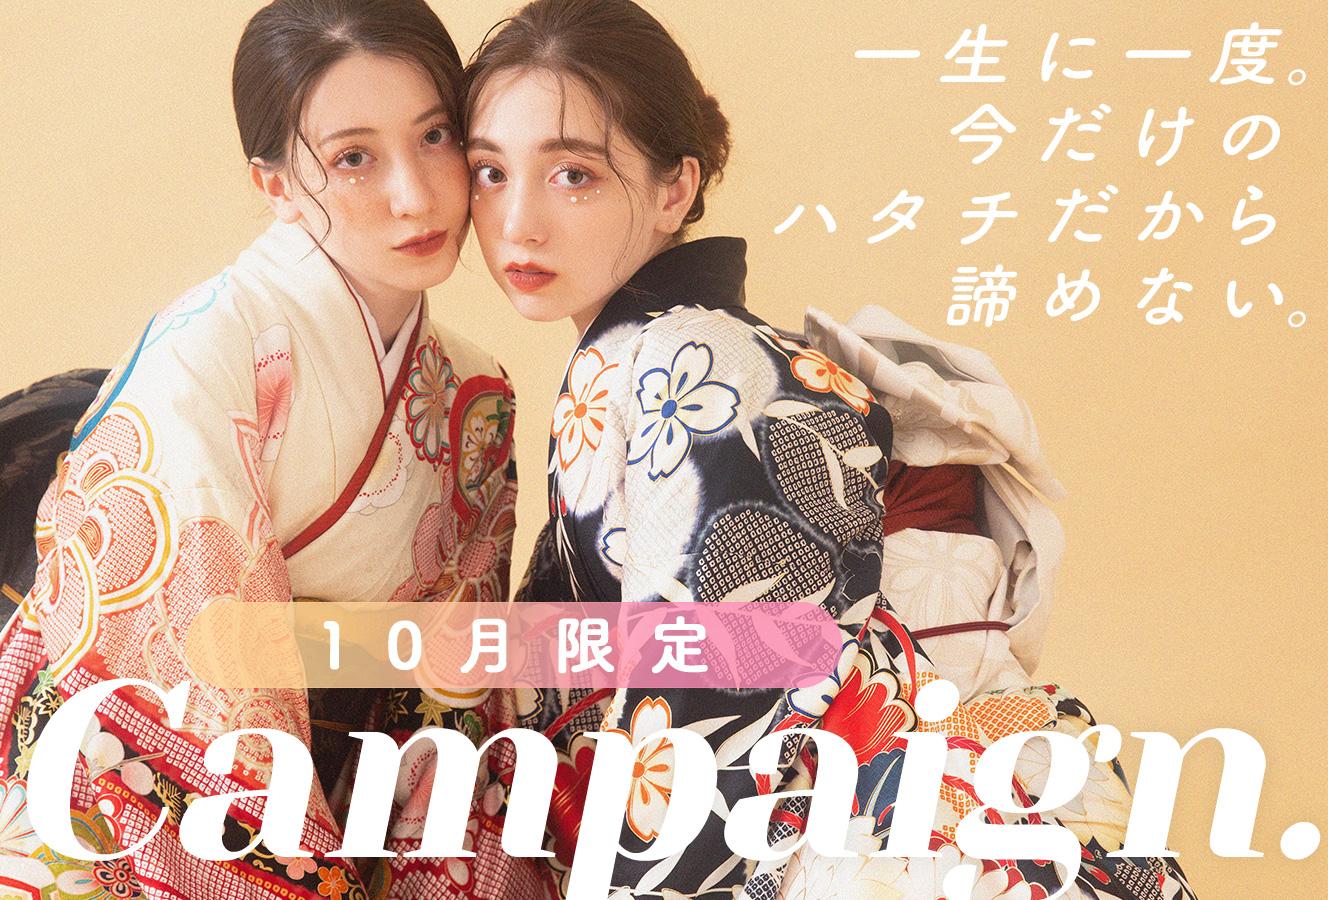 【旭川店】 成人♡10月とってもお得なキャンペーン!...